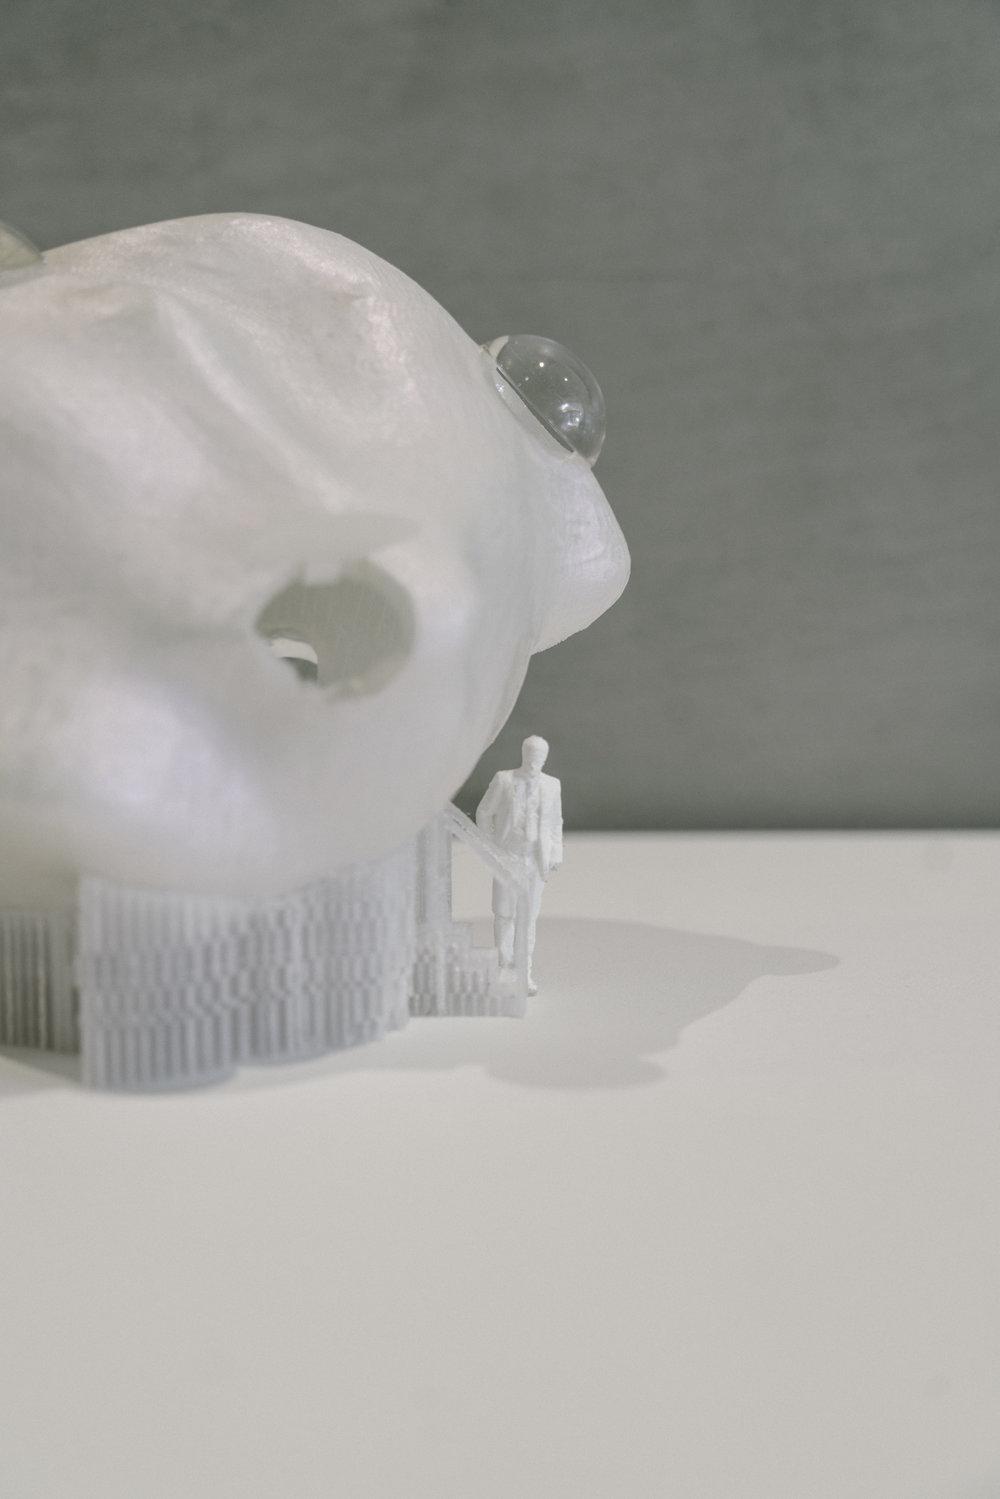 Water Tower, Studio Swine